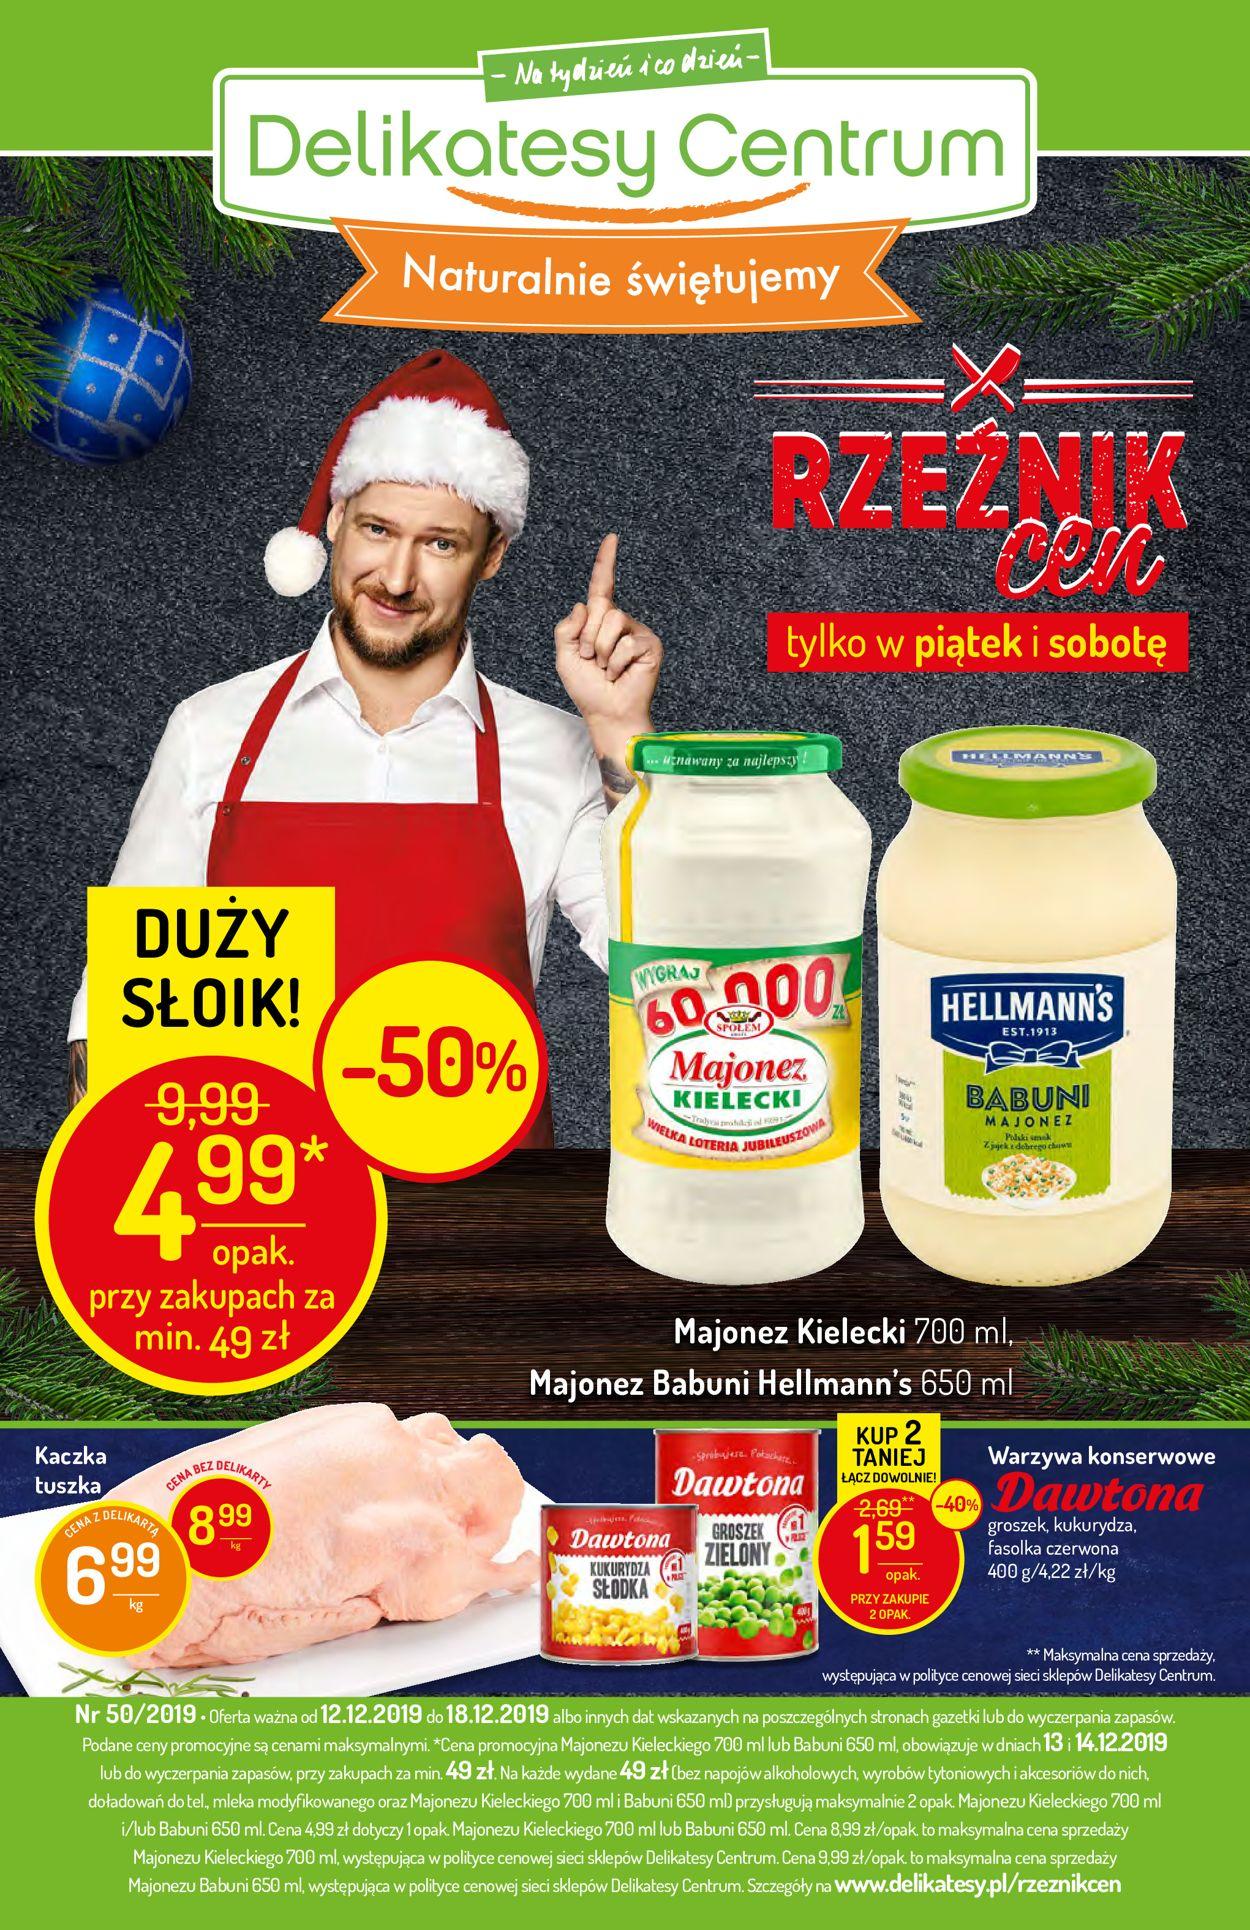 Gazetka promocyjna Delikatesy Centrum - Gazetka Świąteczna 2019 - 12.12-18.12.2019